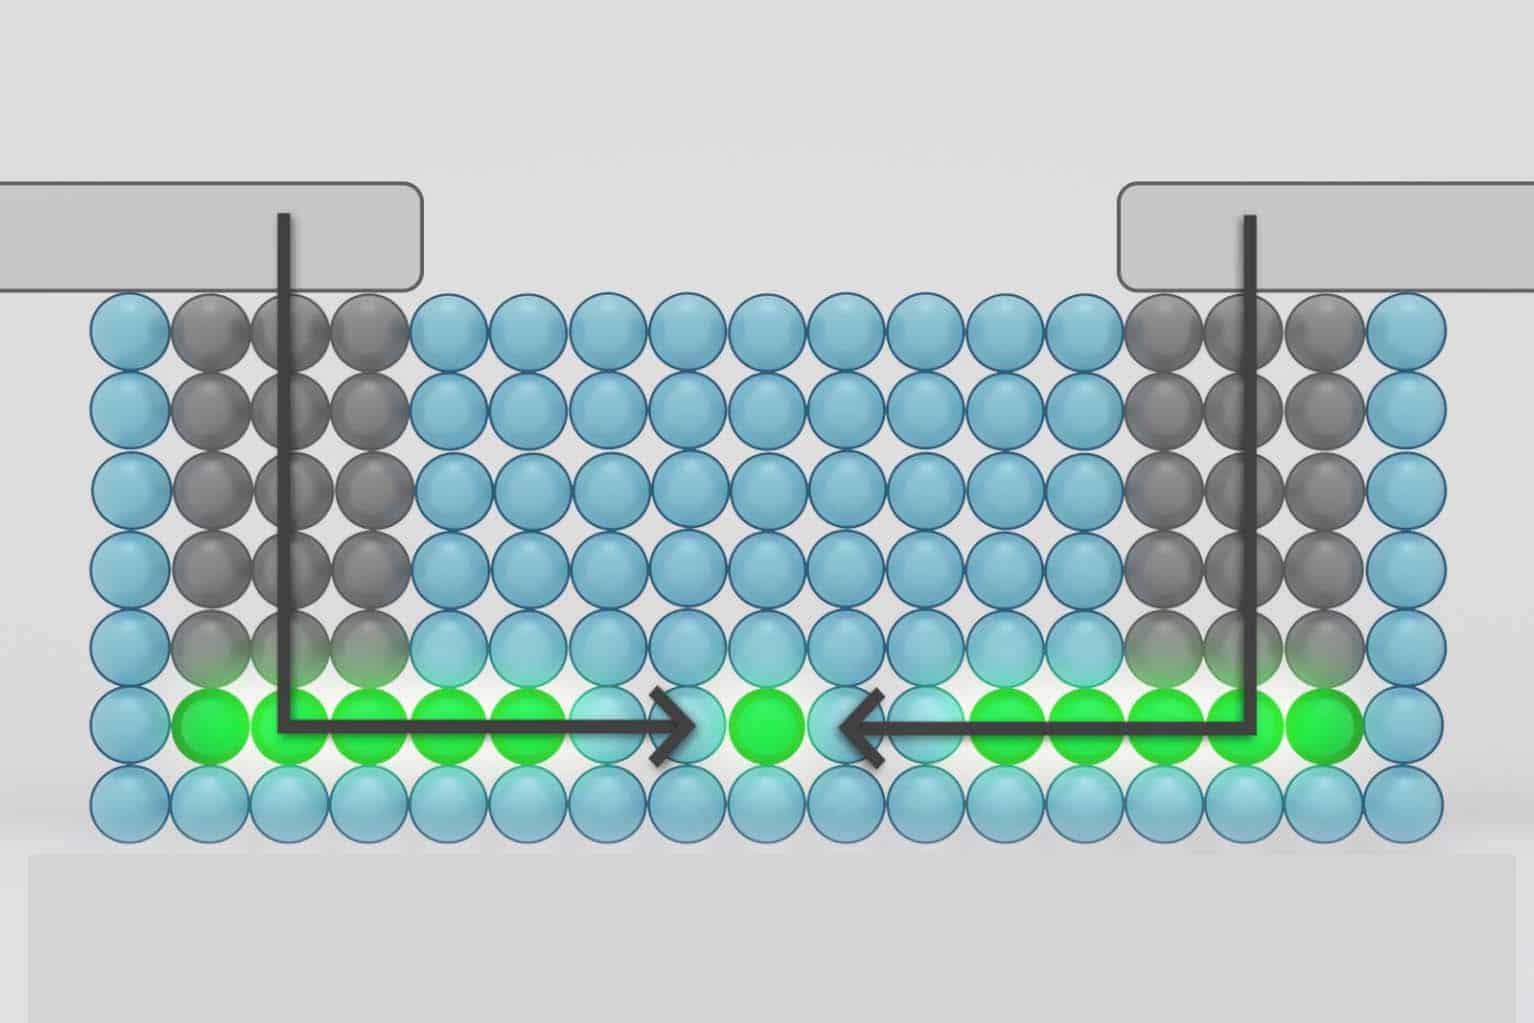 الطريق نحو الحواسيب الكمومية: آلية اصطناع جديدة لترانزيستورات أحادية الذرة